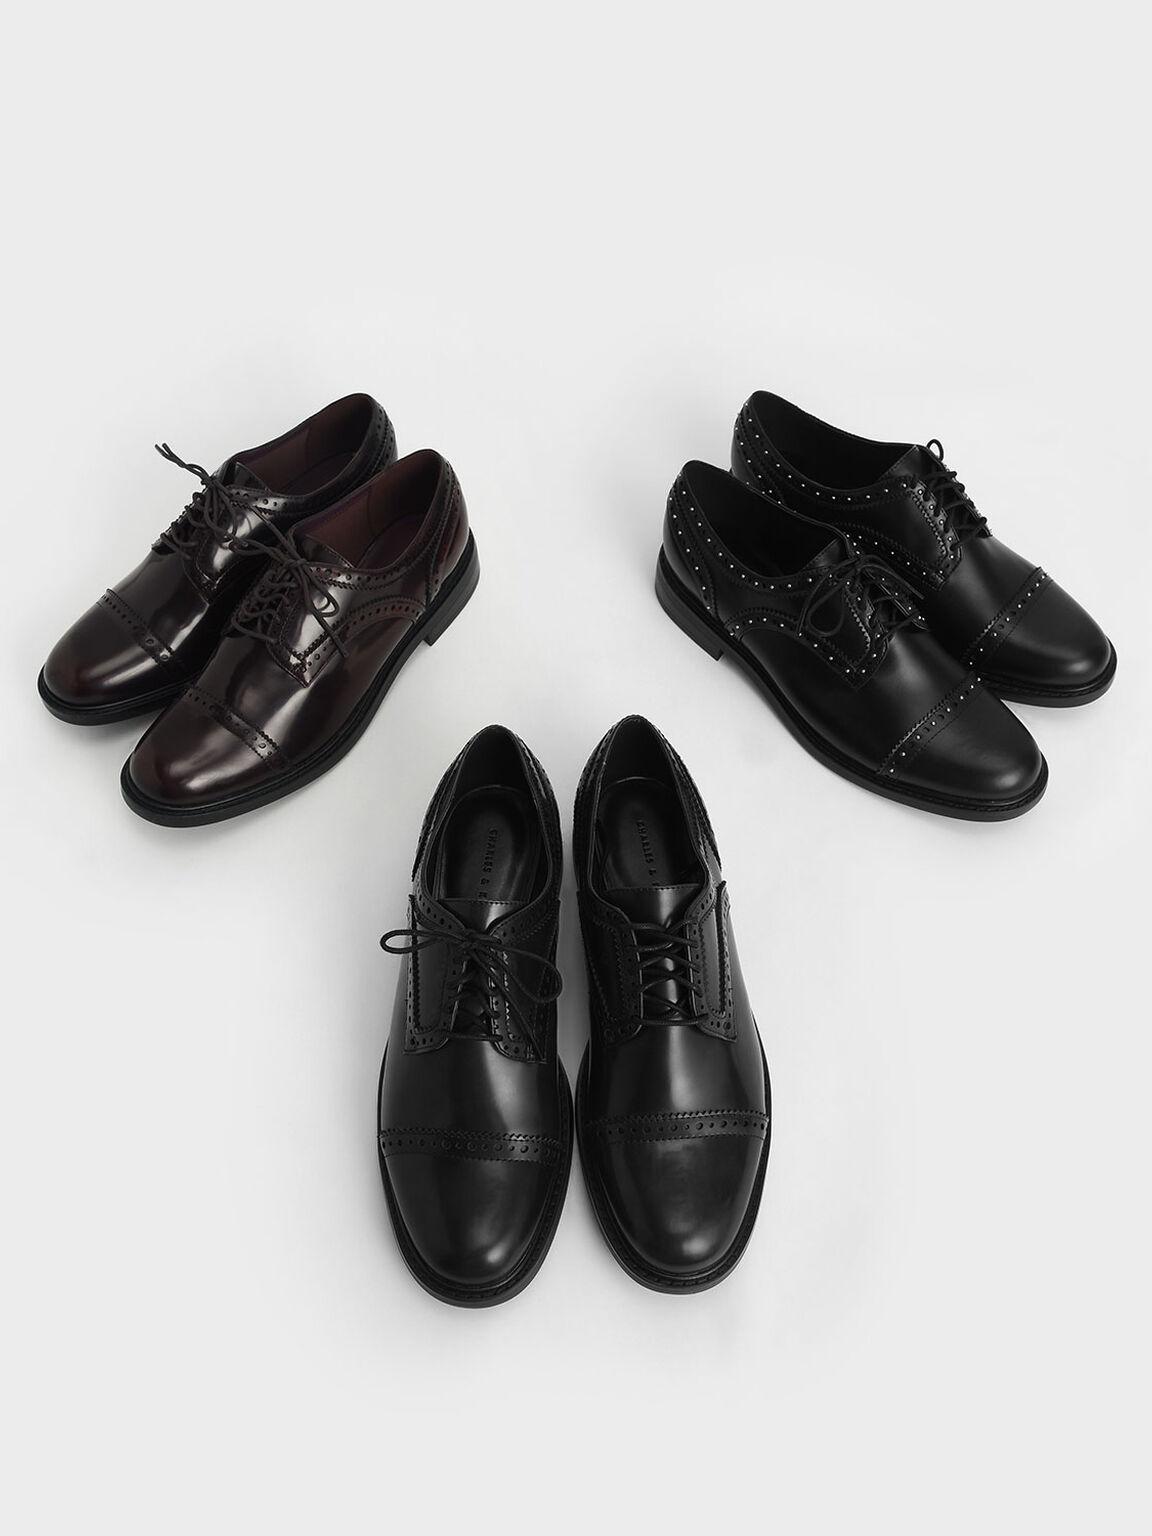 Classic Brogue Shoes, Black, hi-res